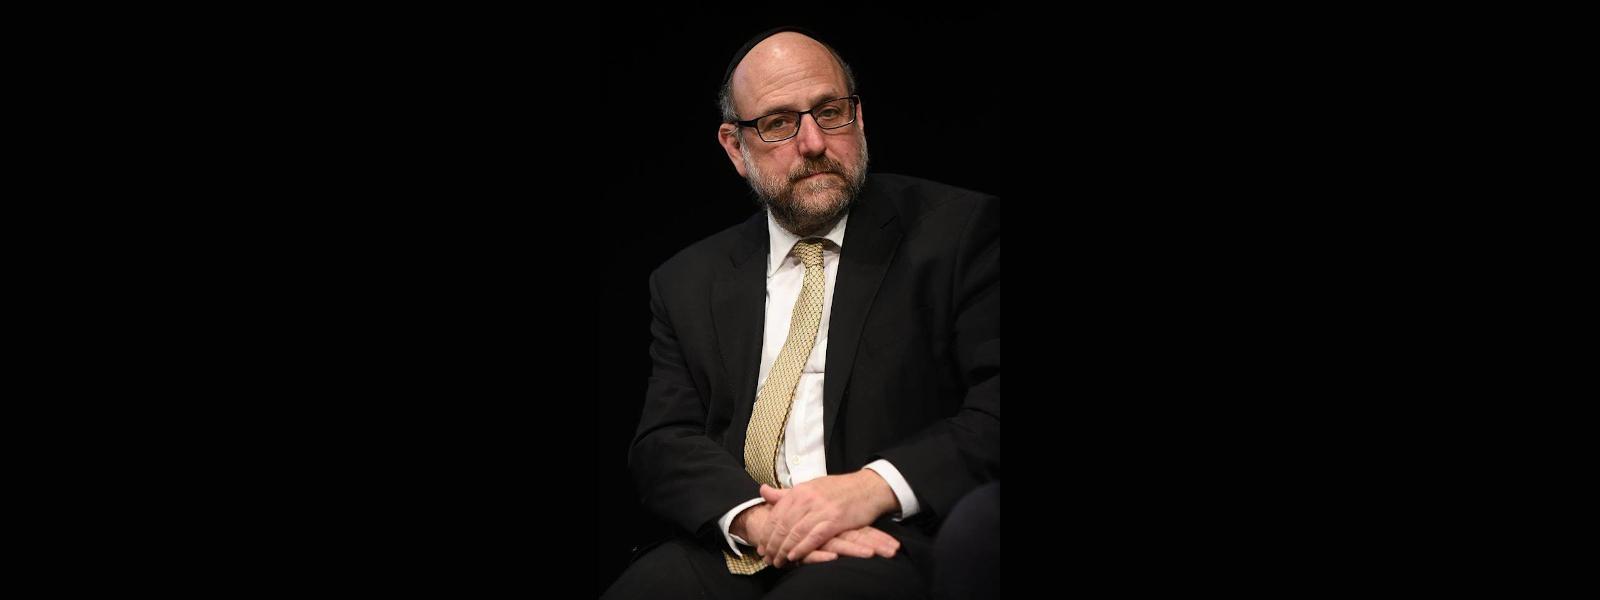 Rabin Michael Schudrich - Człowiek Pojednania za rok 1998